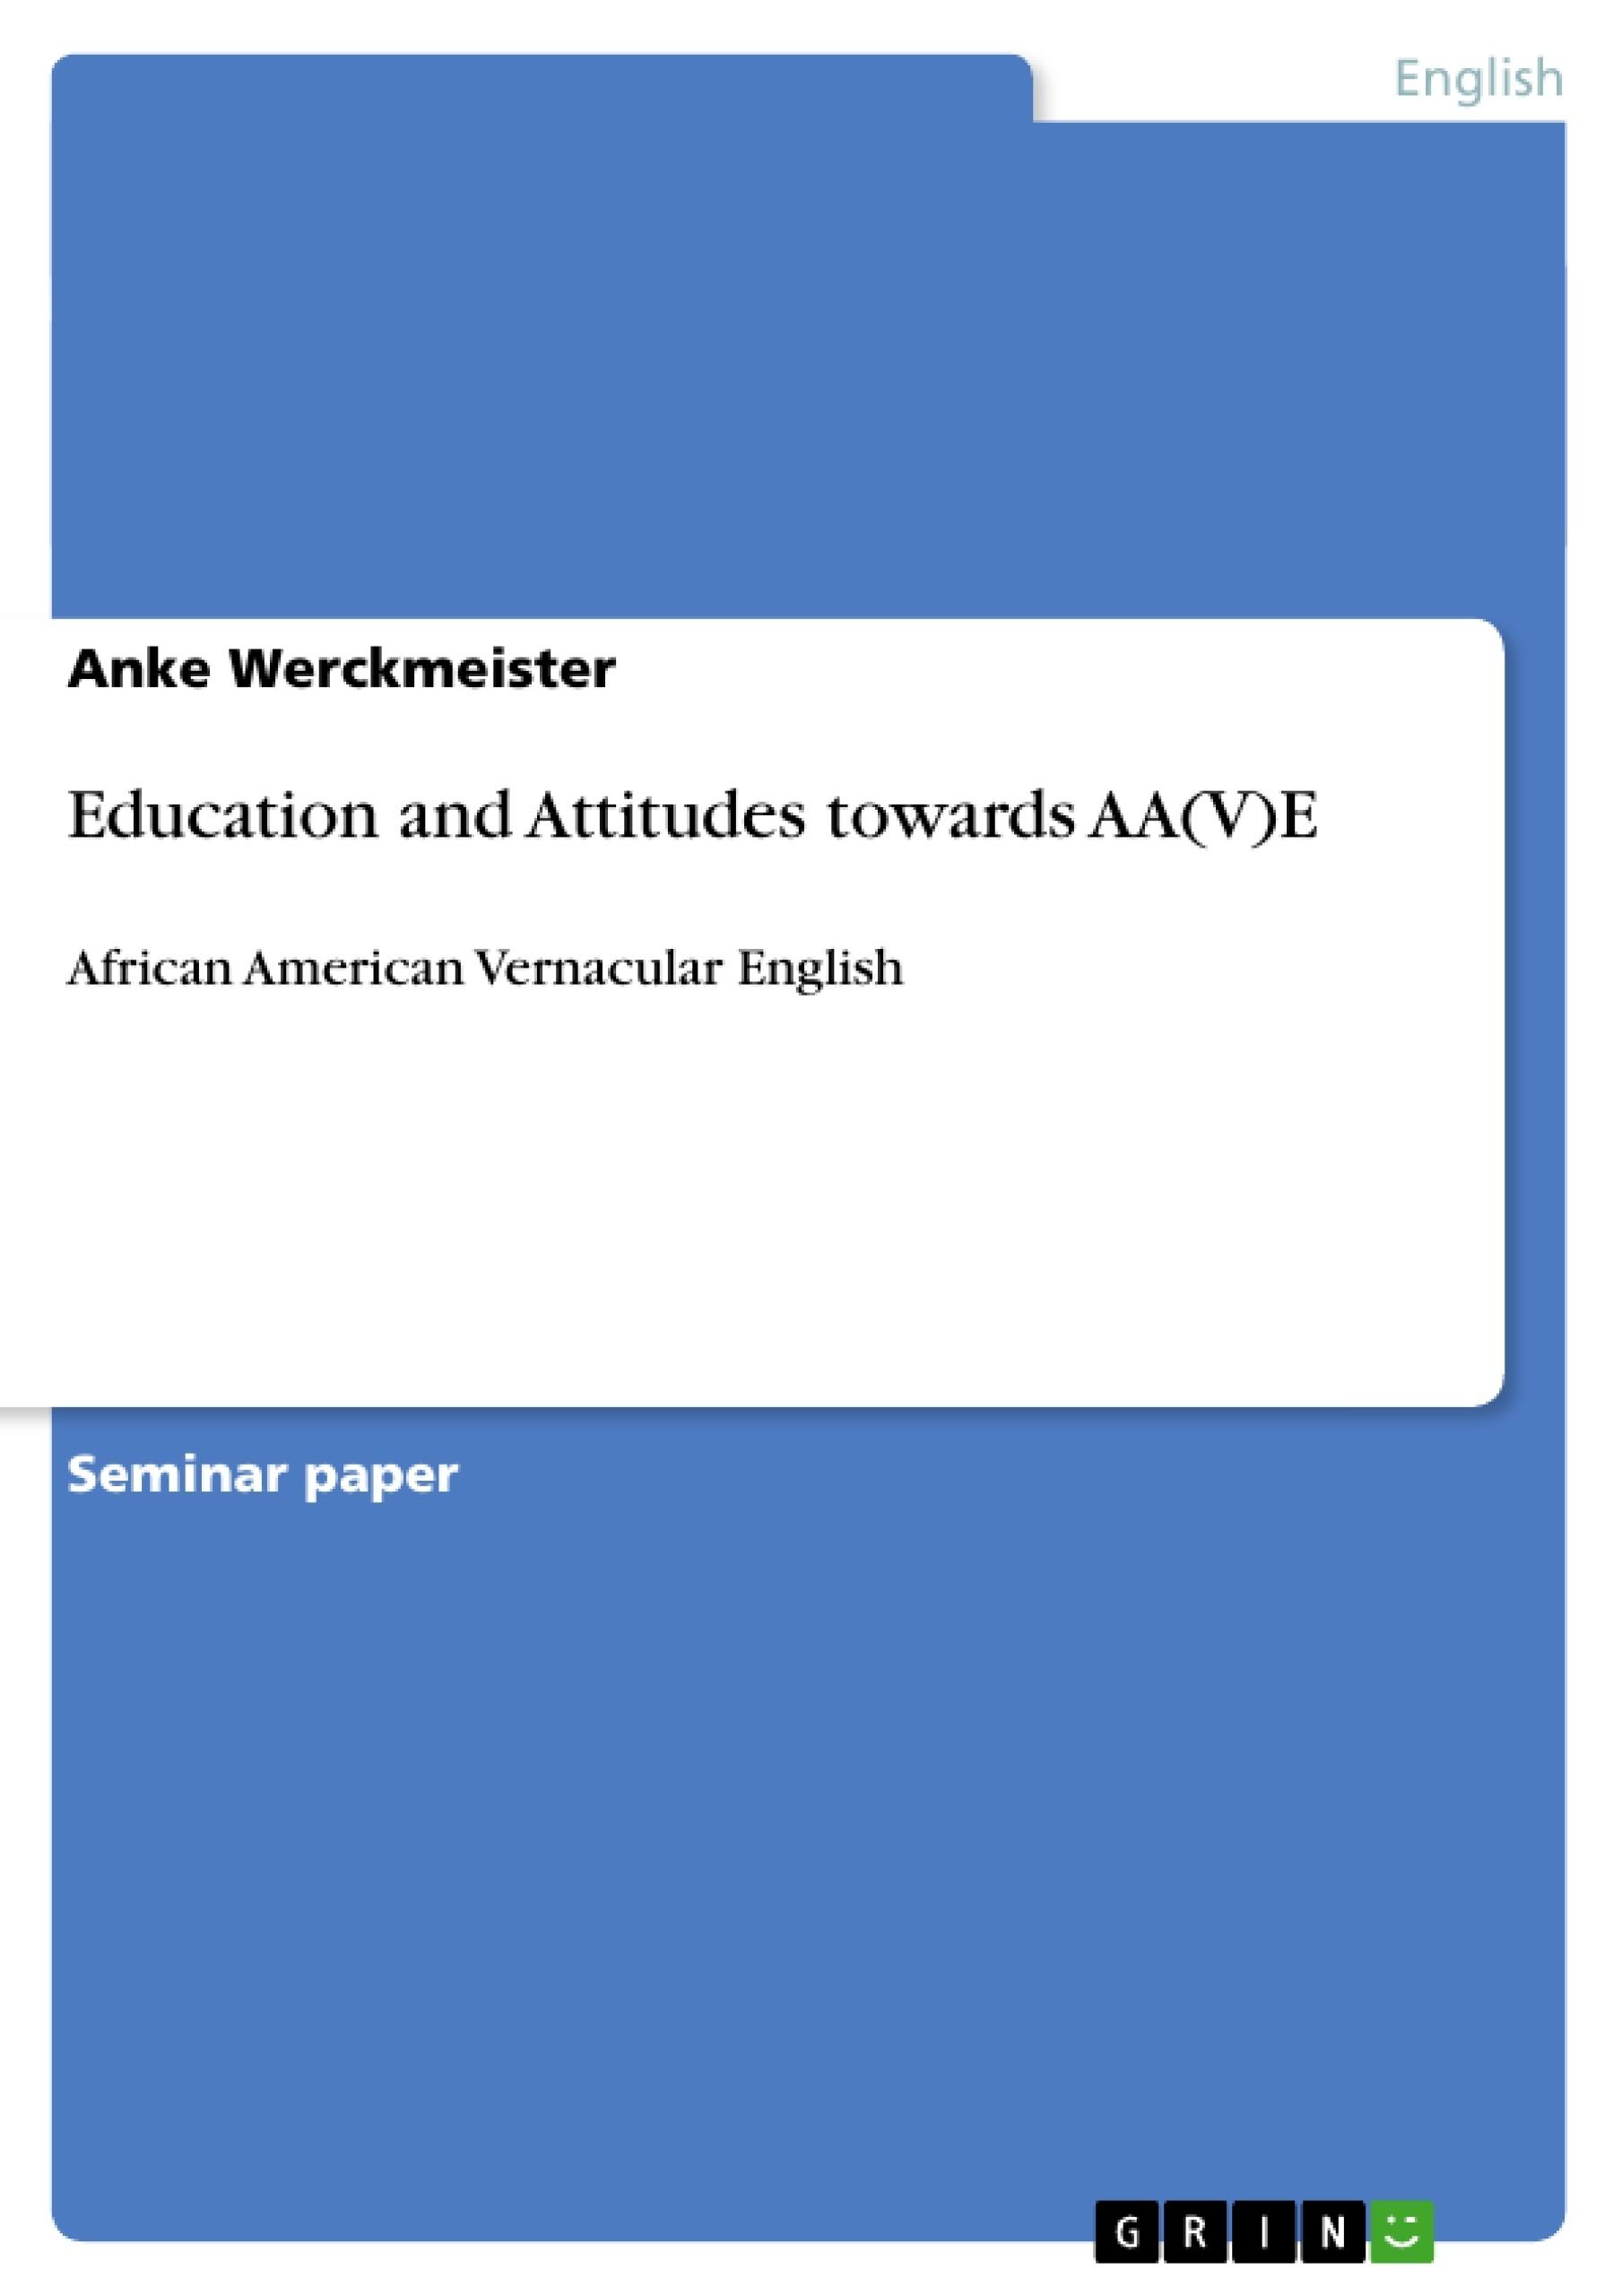 Title: Education and Attitudes towards AA(V)E